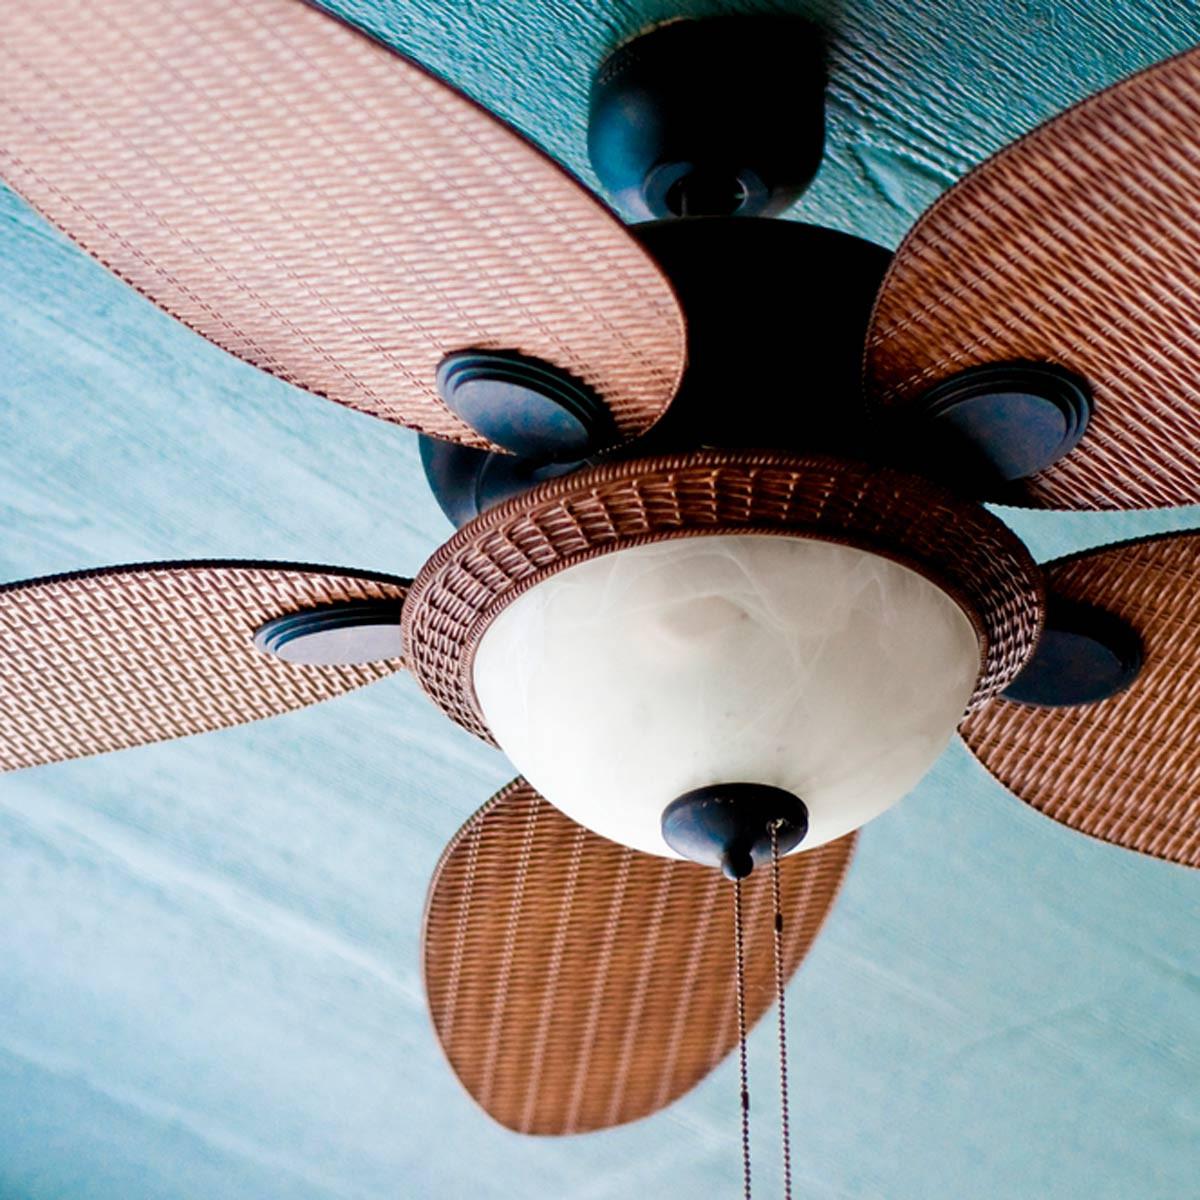 أفكار لتدفئة البيت - تشغيل مروحة السقف باتجاه عقارب الساعة